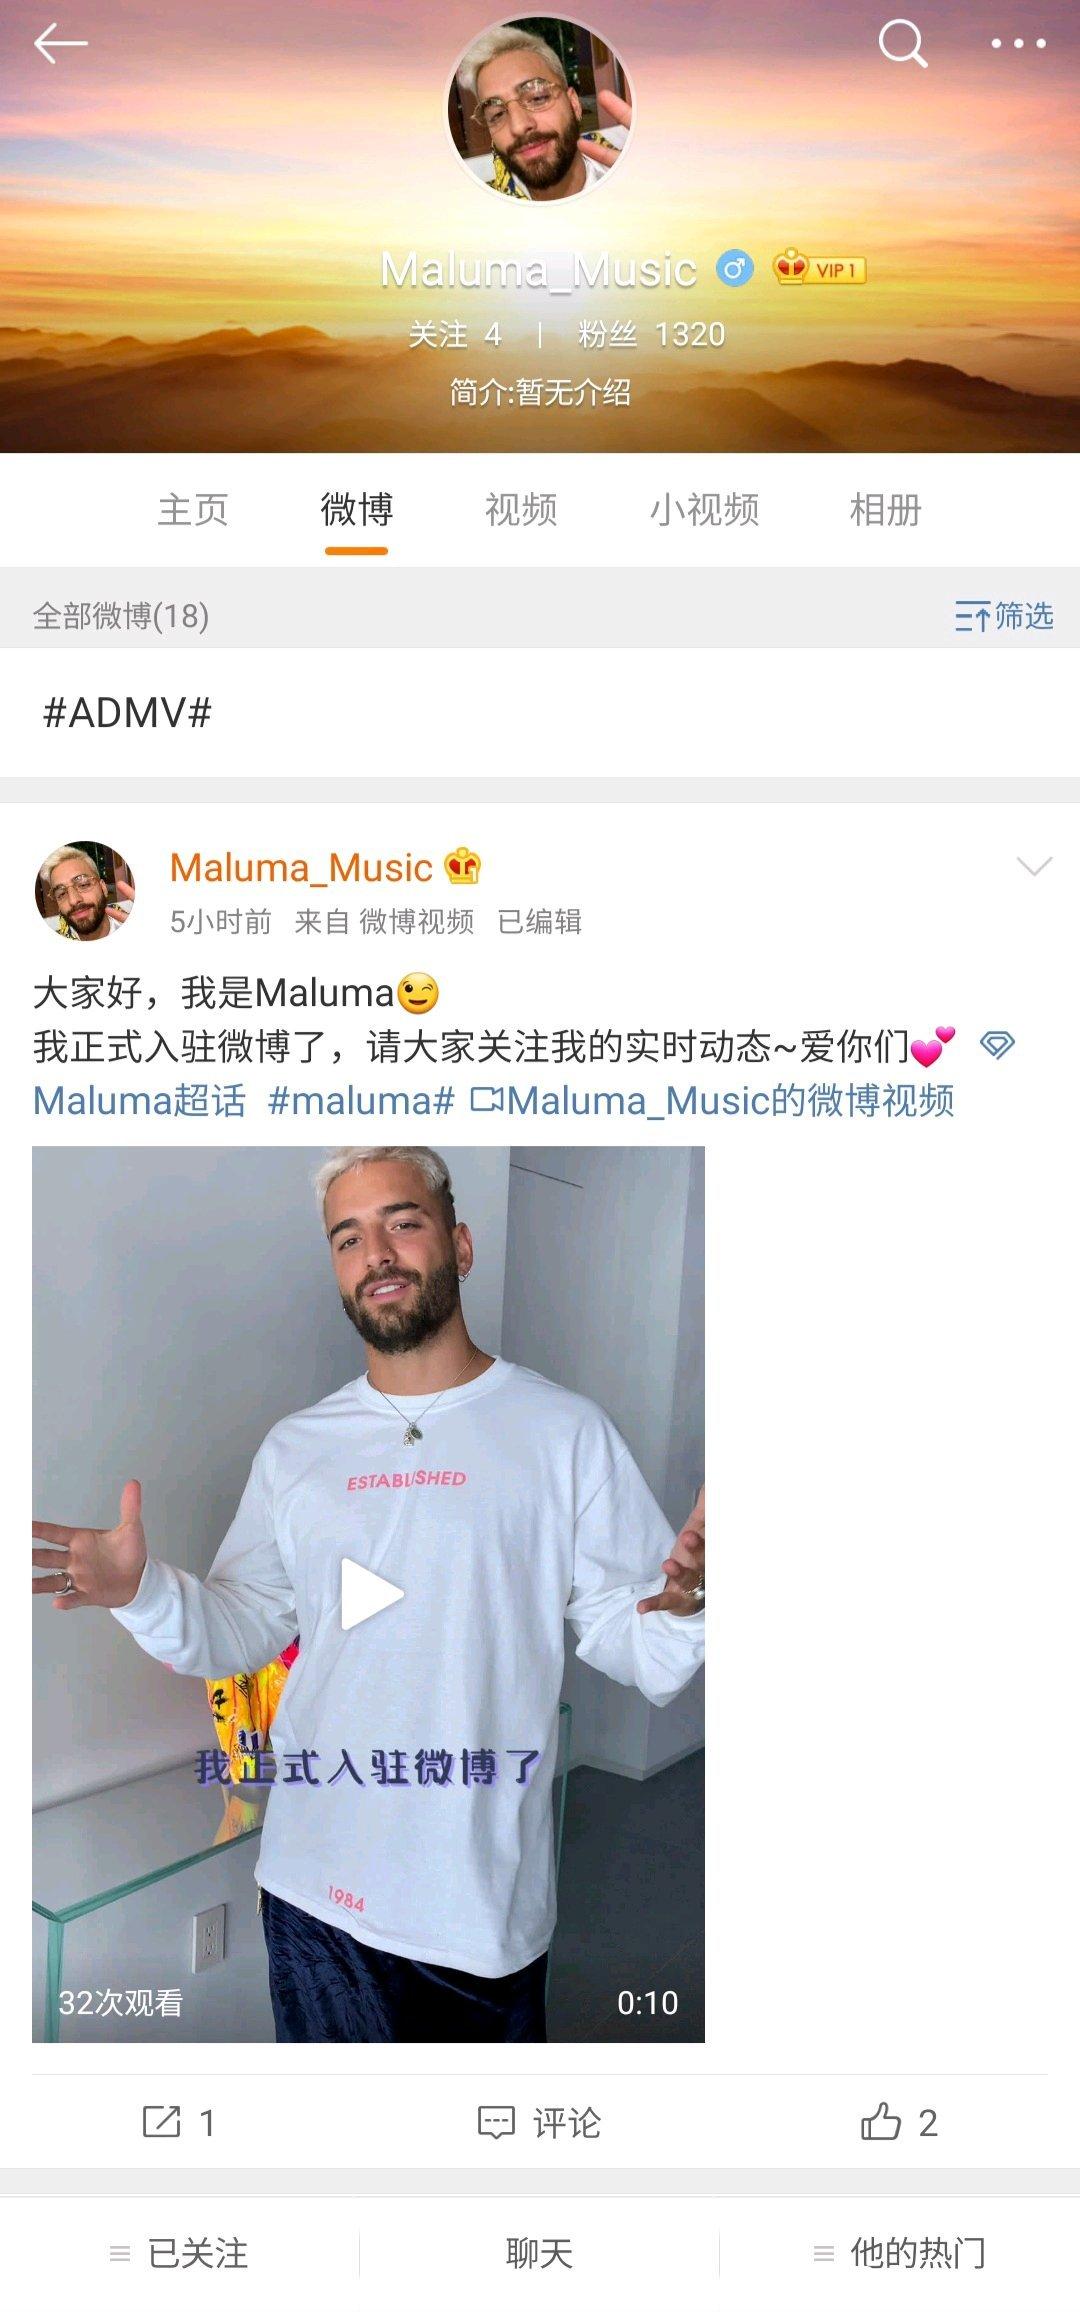 虽然专辑销量不高,但Maluma靠着社交媒体成为一代天王